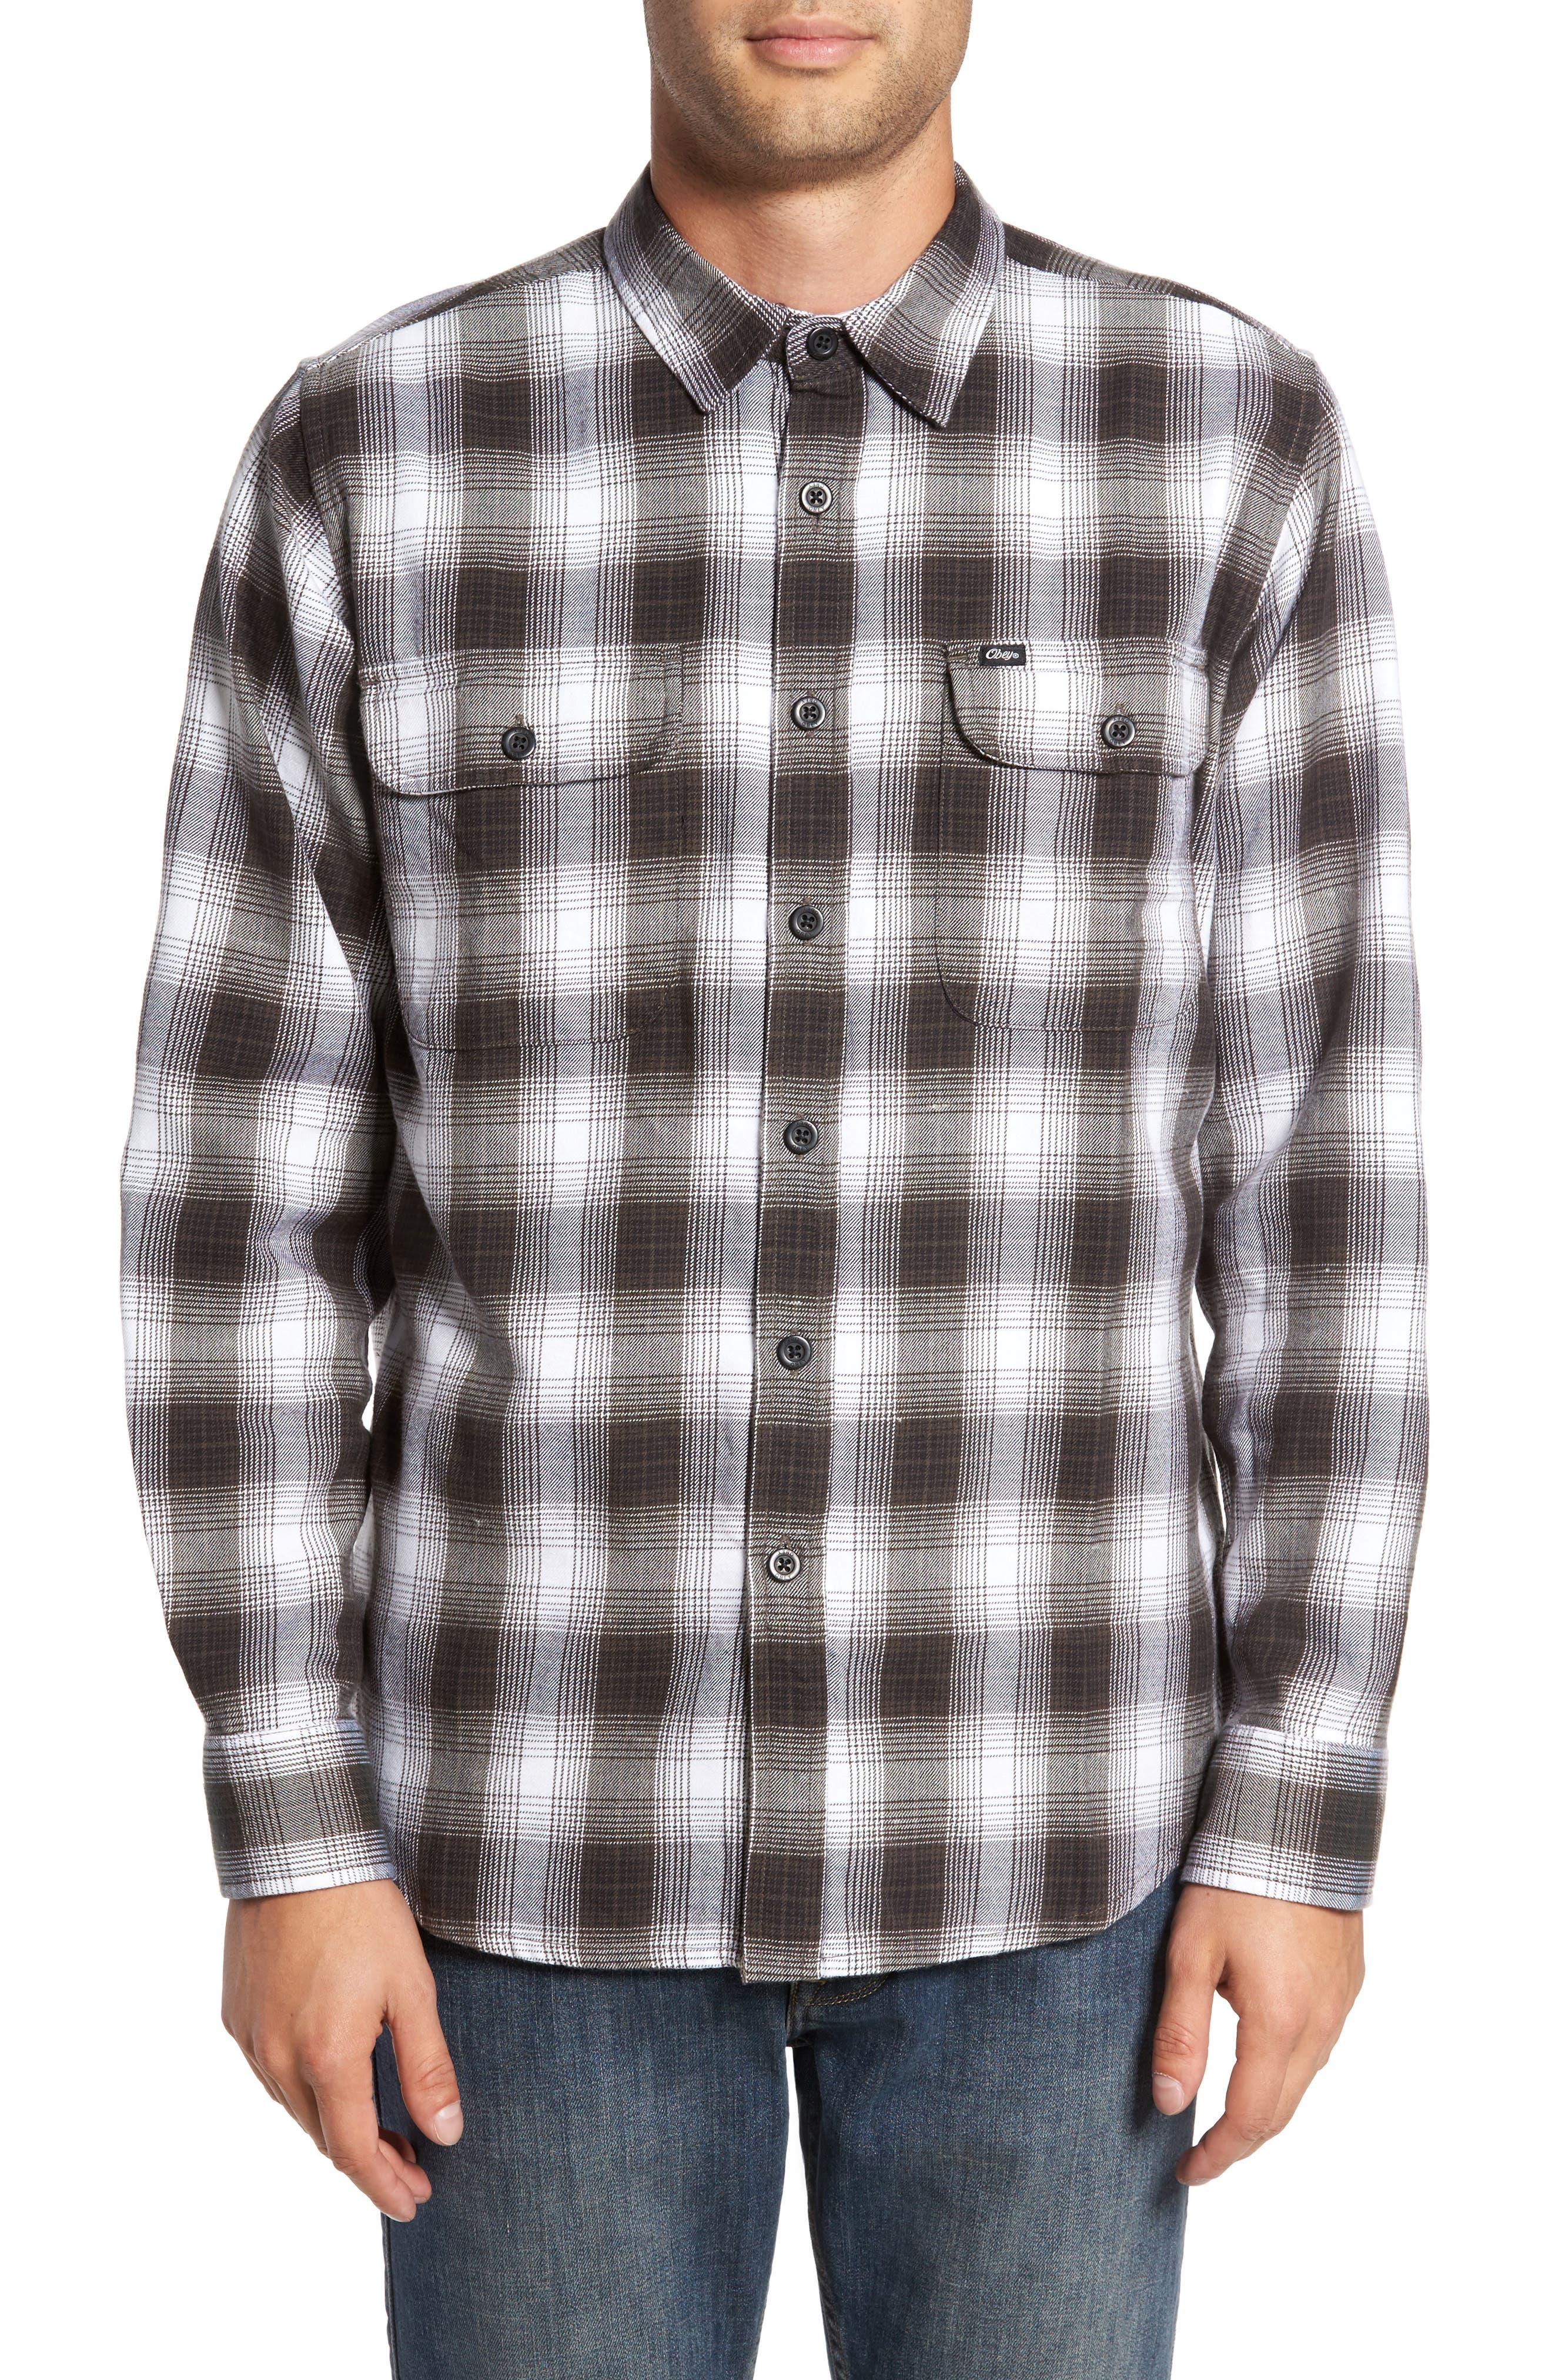 Kemper Plaid Woven Shirt,                             Main thumbnail 1, color,                             Black Multi